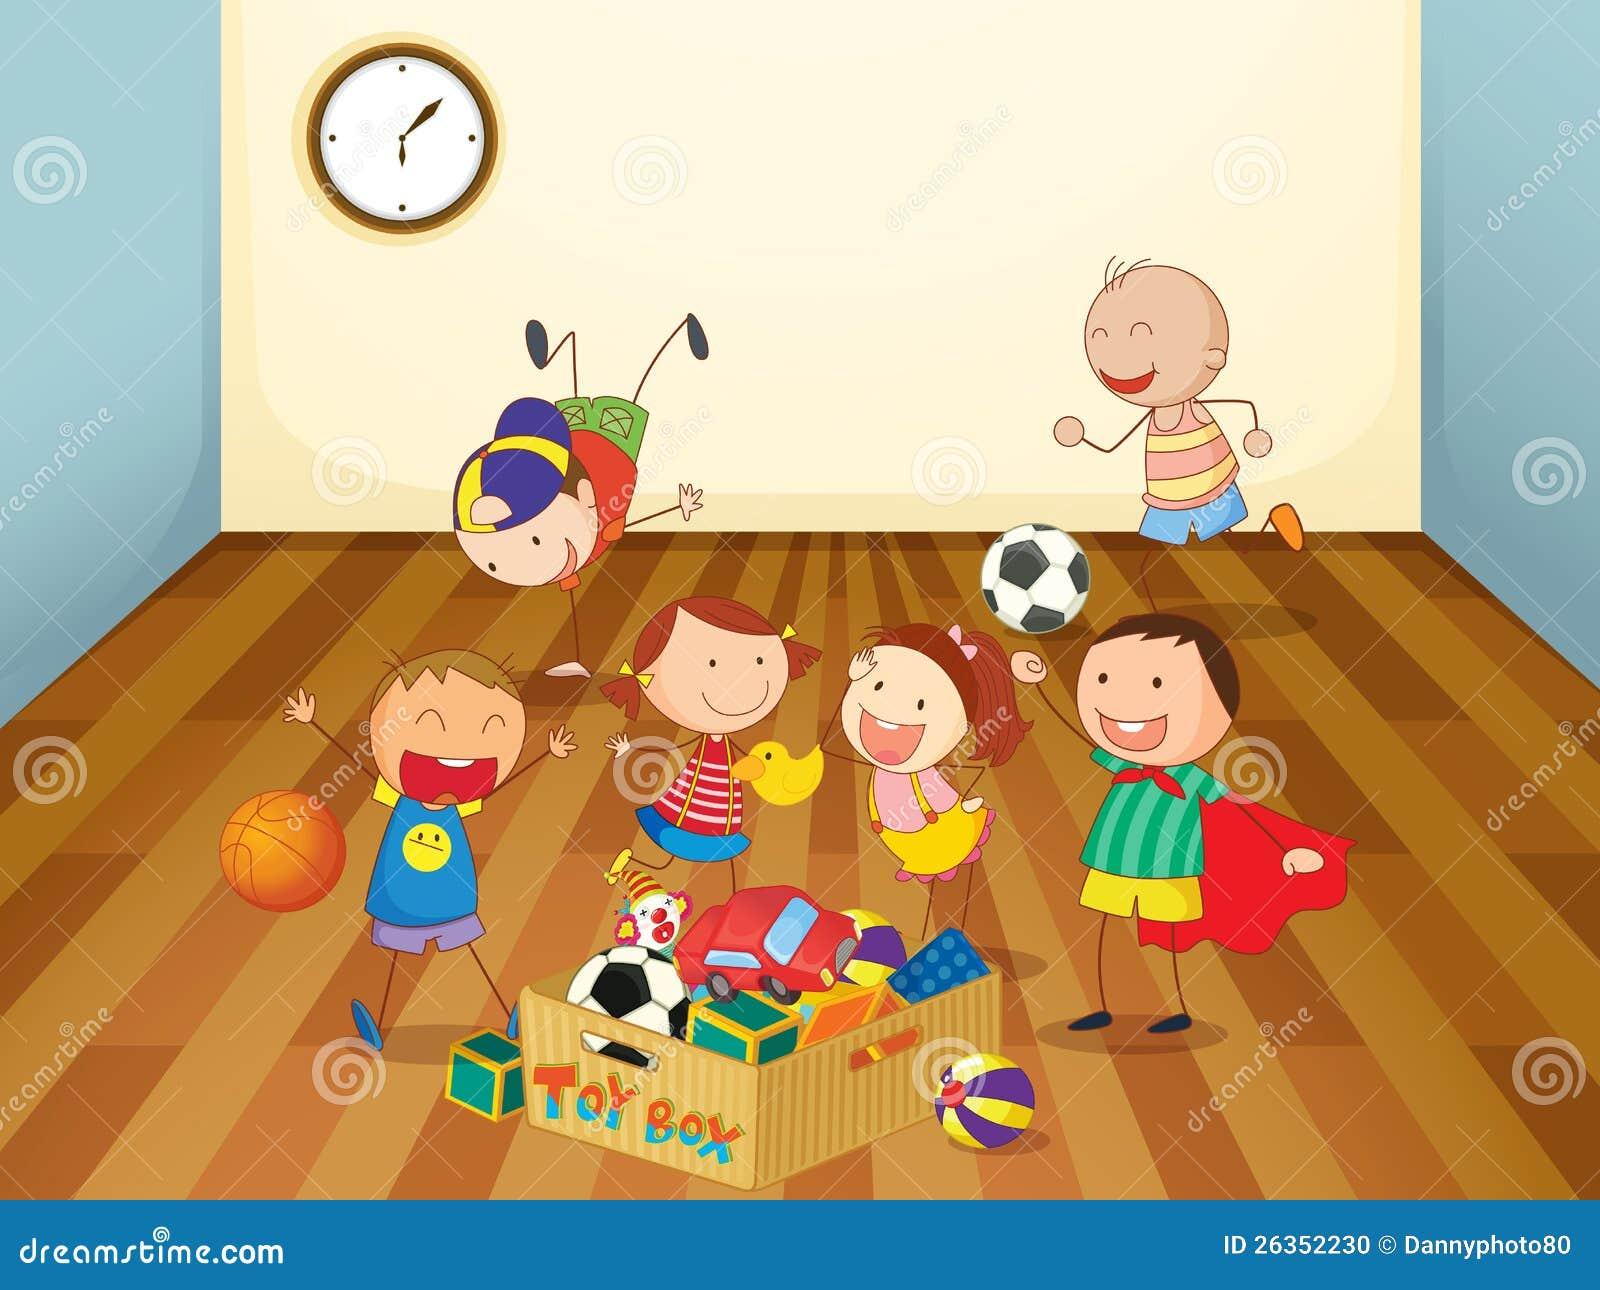 Kinder, die in einem Raum spielen